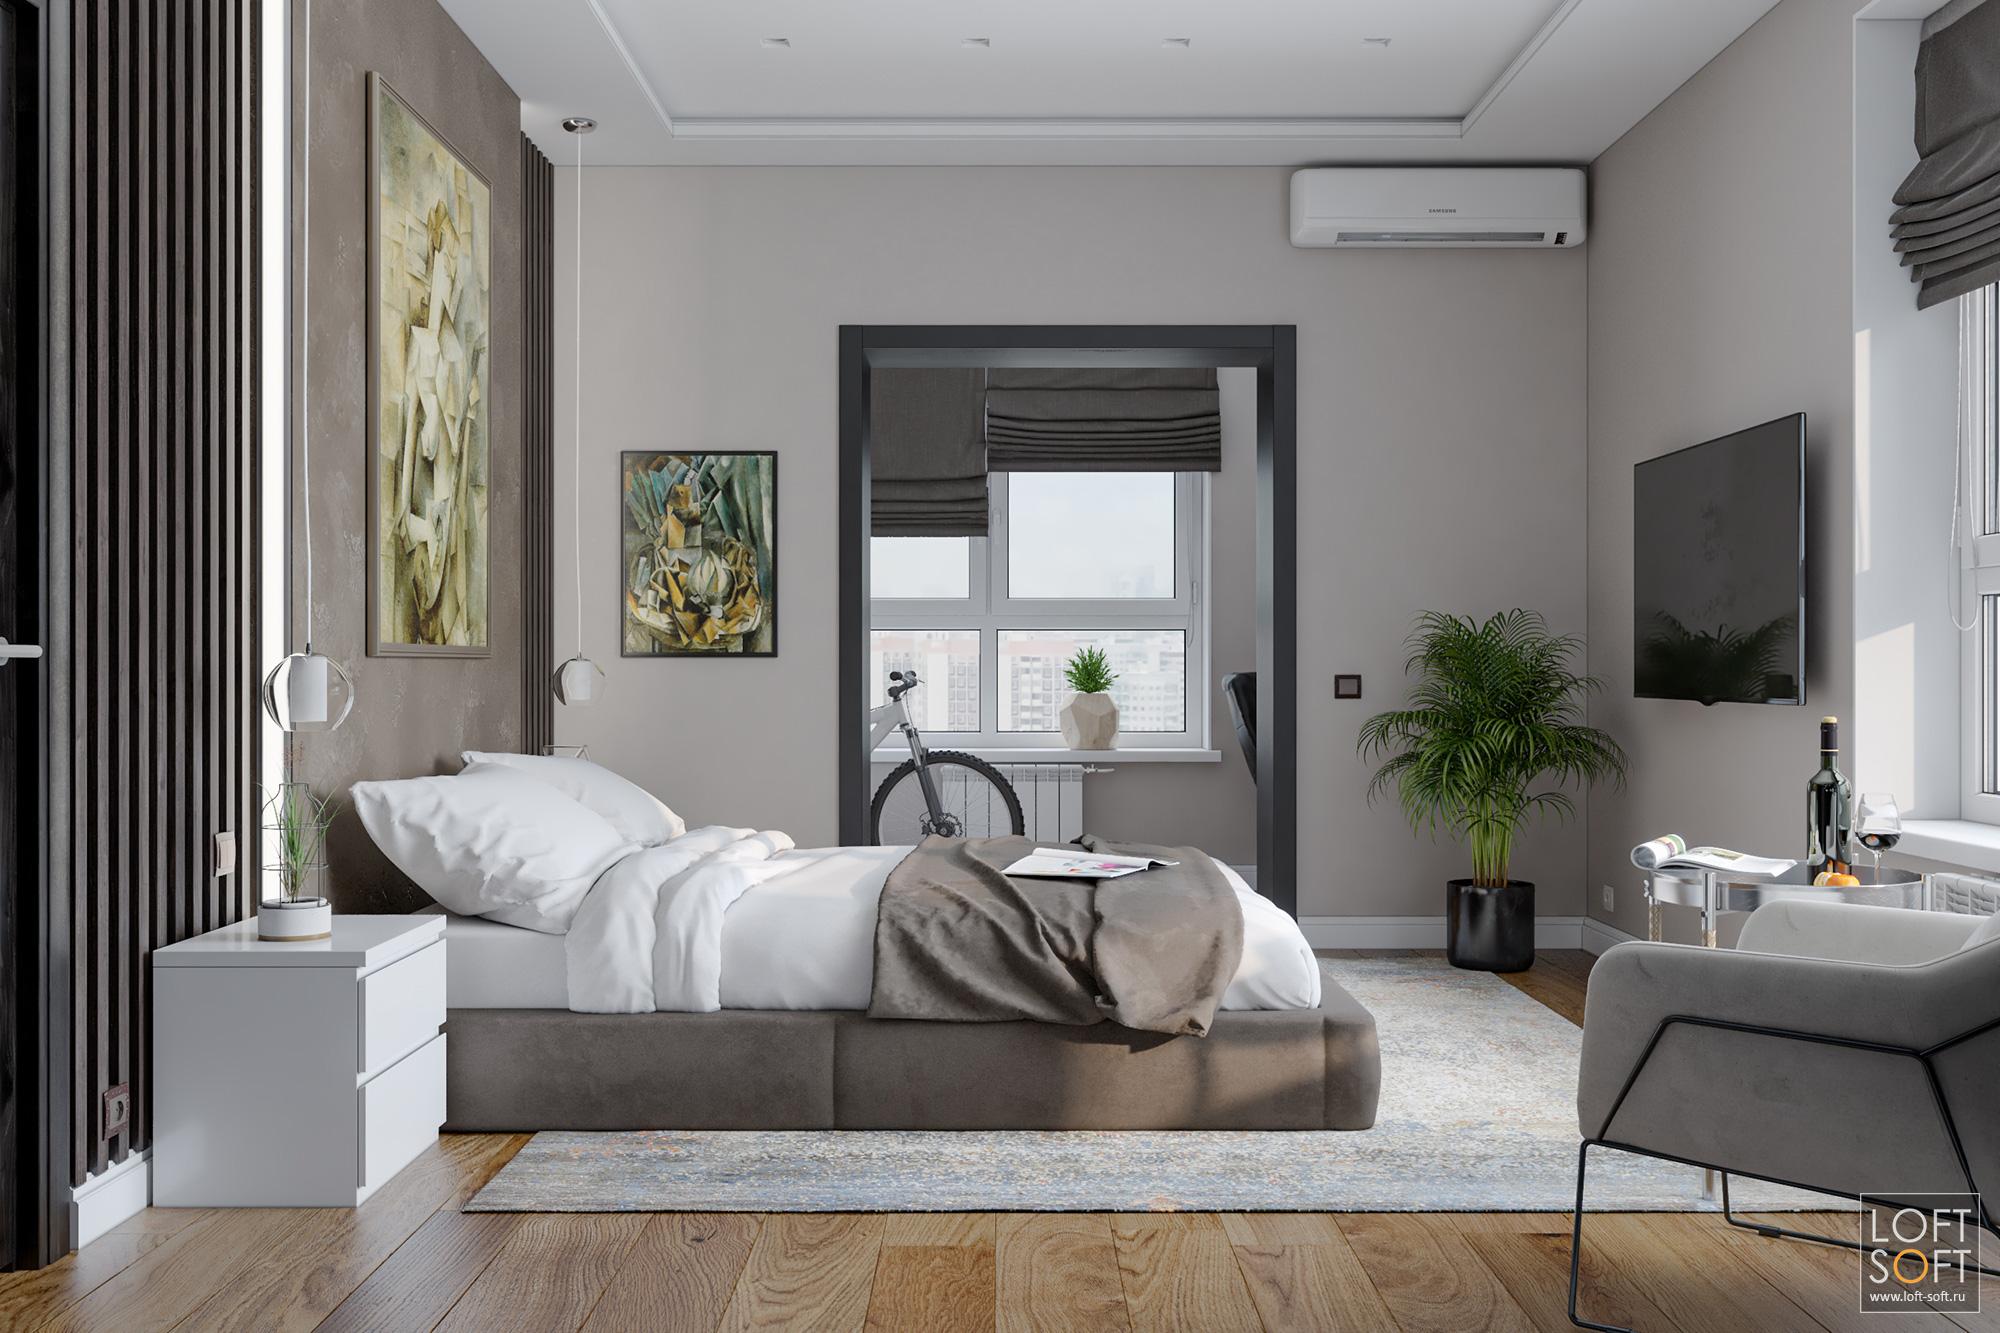 Спальня всовременном стиле, коричневая спальня, декоративная штукатурка